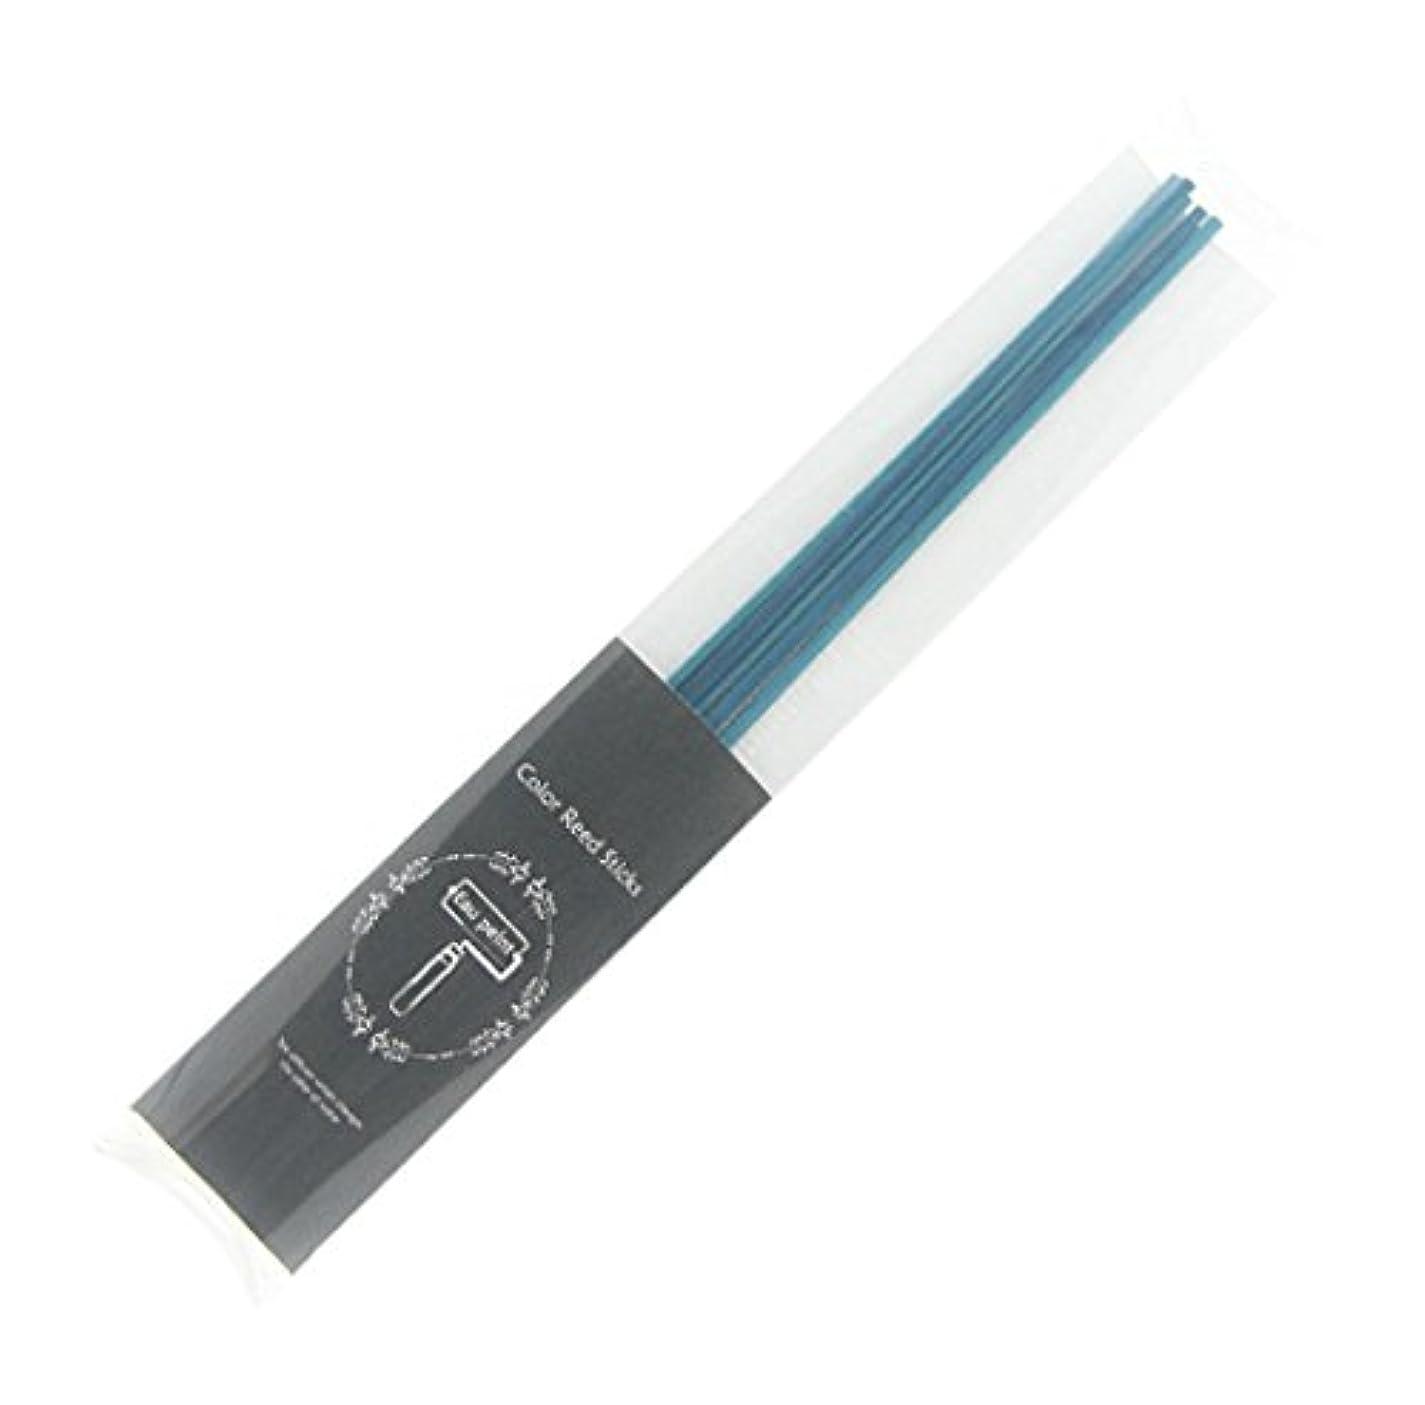 棚お手伝いさん違うEau peint mais+ カラースティック リードディフューザー用スティック 5本入 ブルー Blue オーペイント マイス